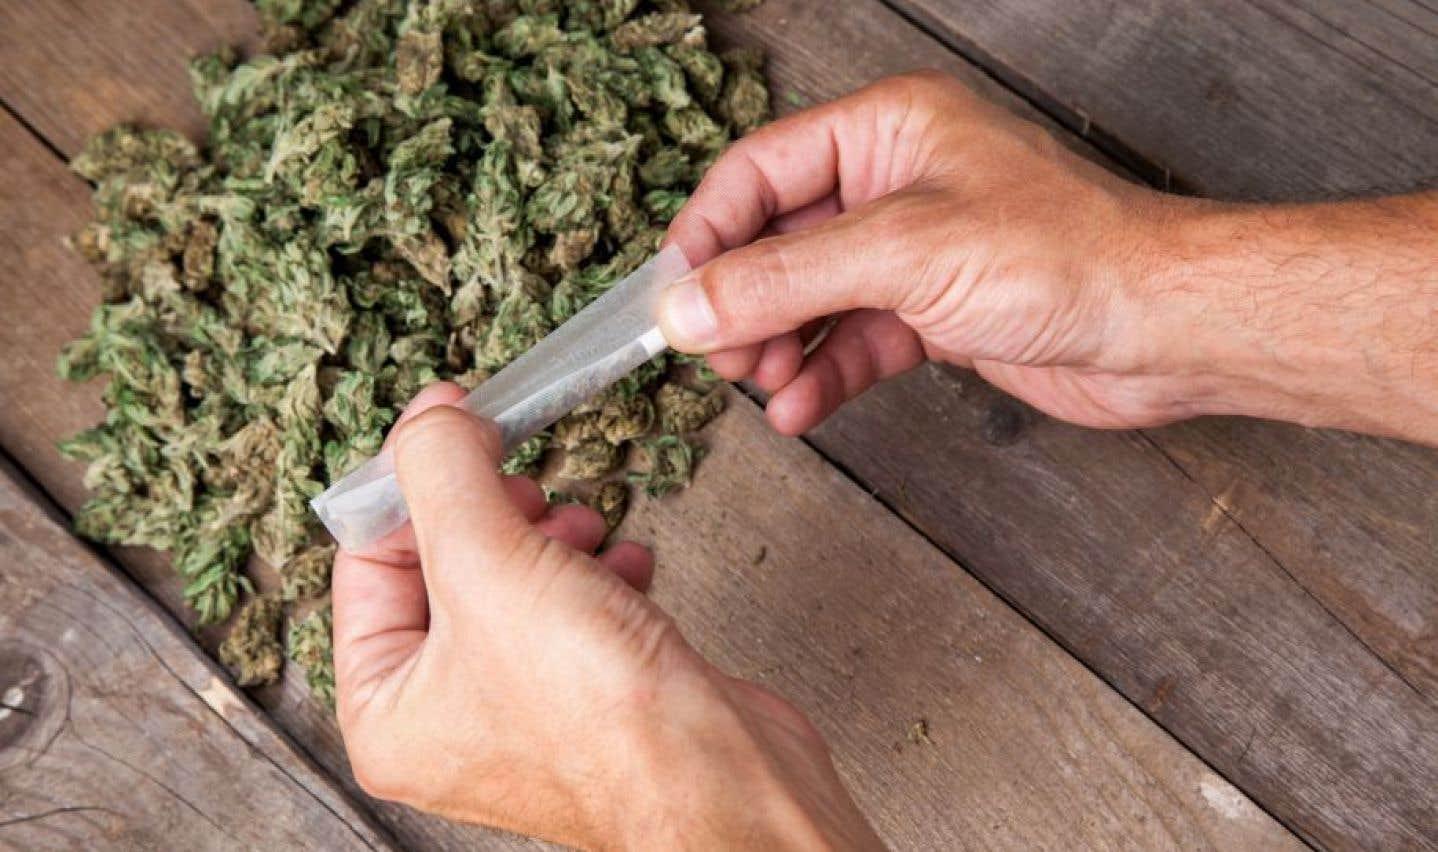 Marijuana: Ottawa n'a pas l'intention de se mêler des politiques provinciales